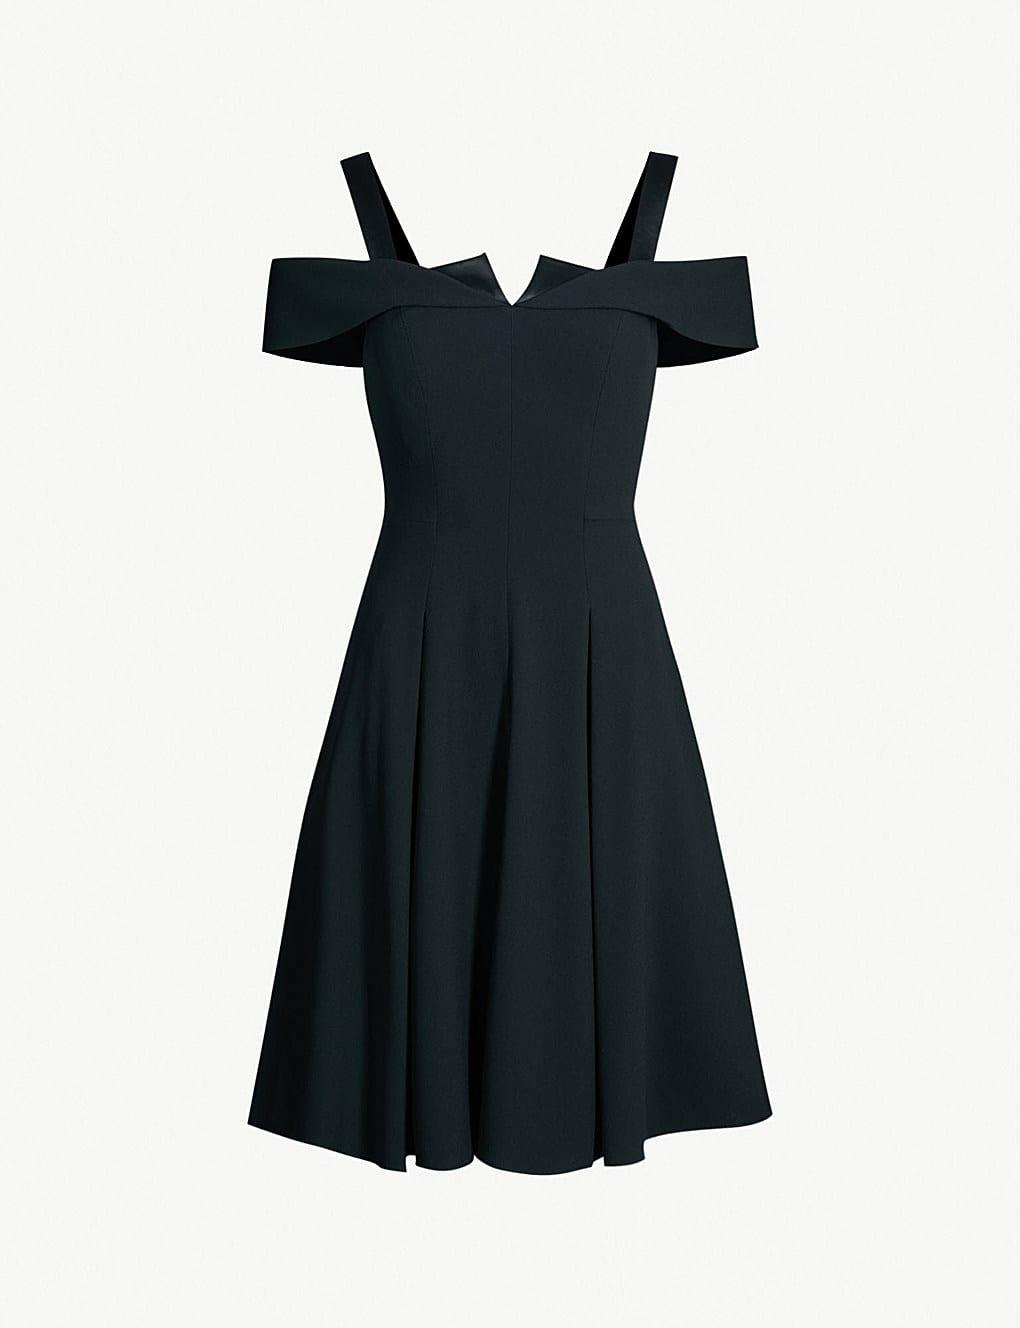 KAREN MILLEN Origami Detail Off The-shoulder Crepe Black Dress - We ...